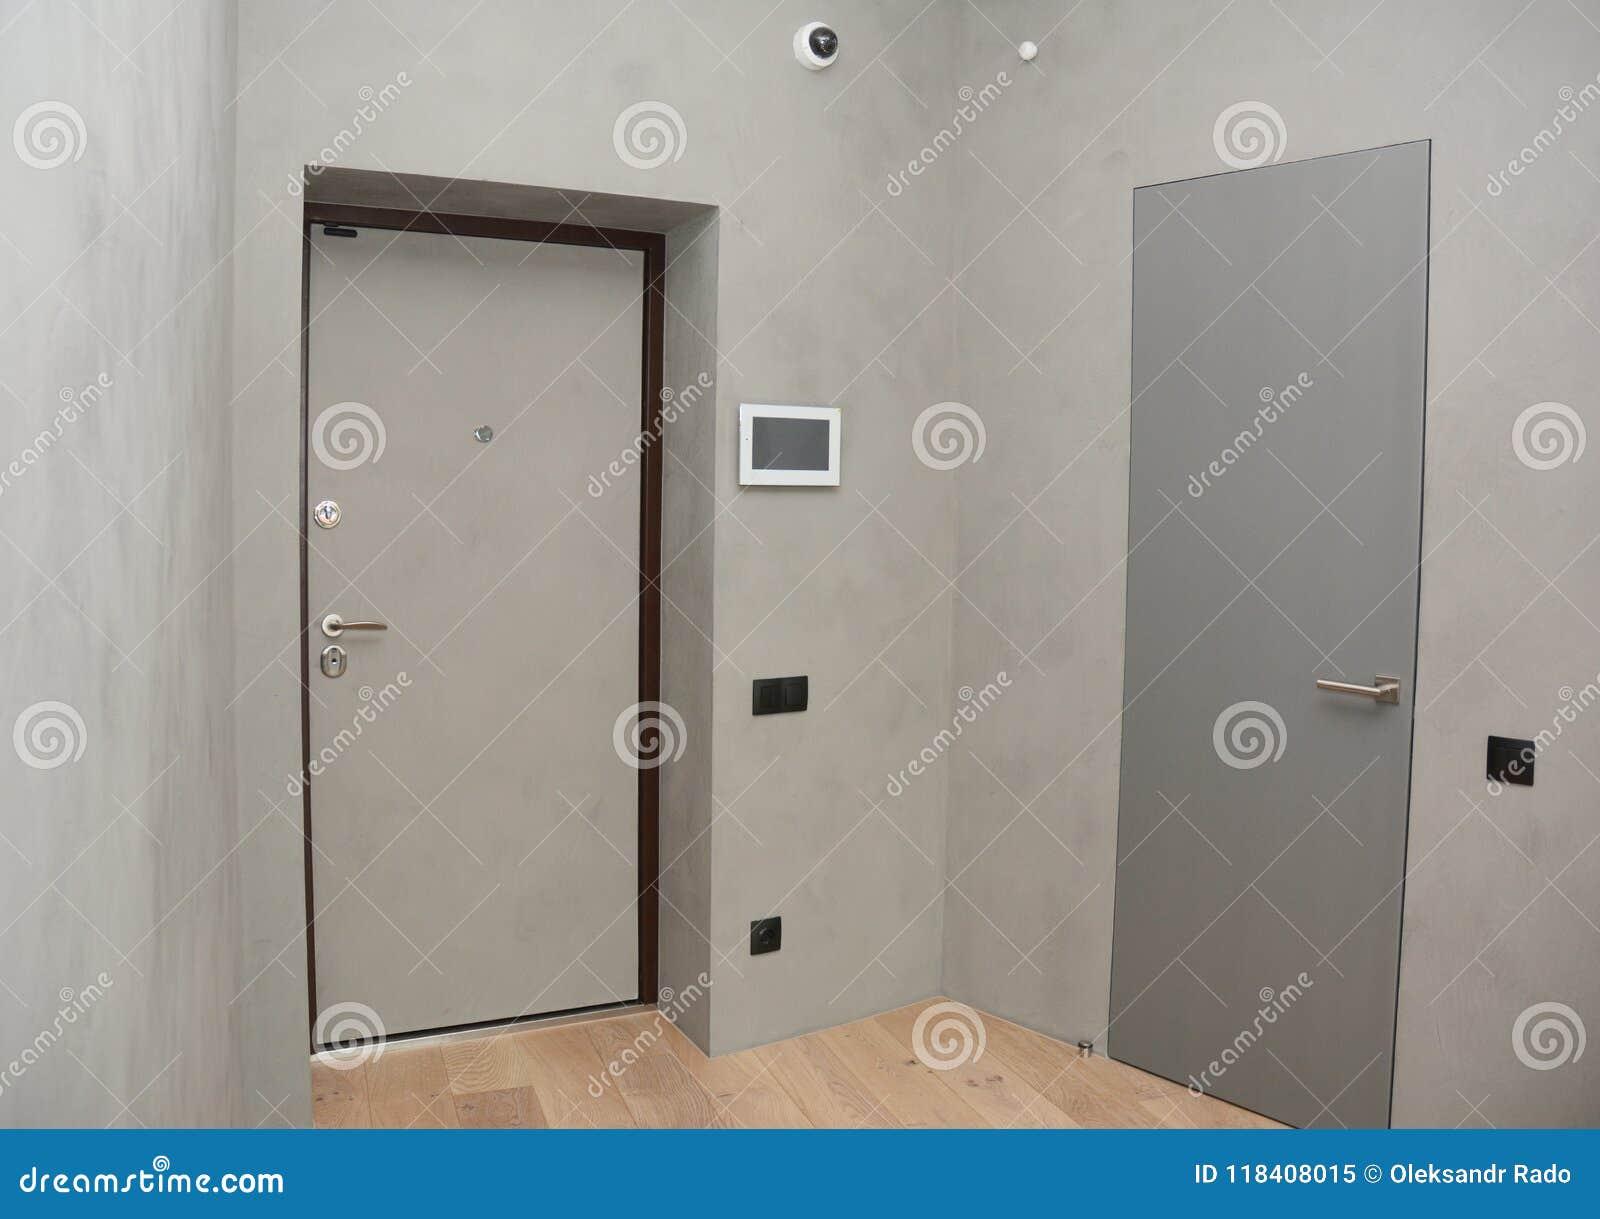 El interior moderno de la puerta del metal de la entrada de la casa con la cámara CCTV de la seguridad se monta en la pared del s